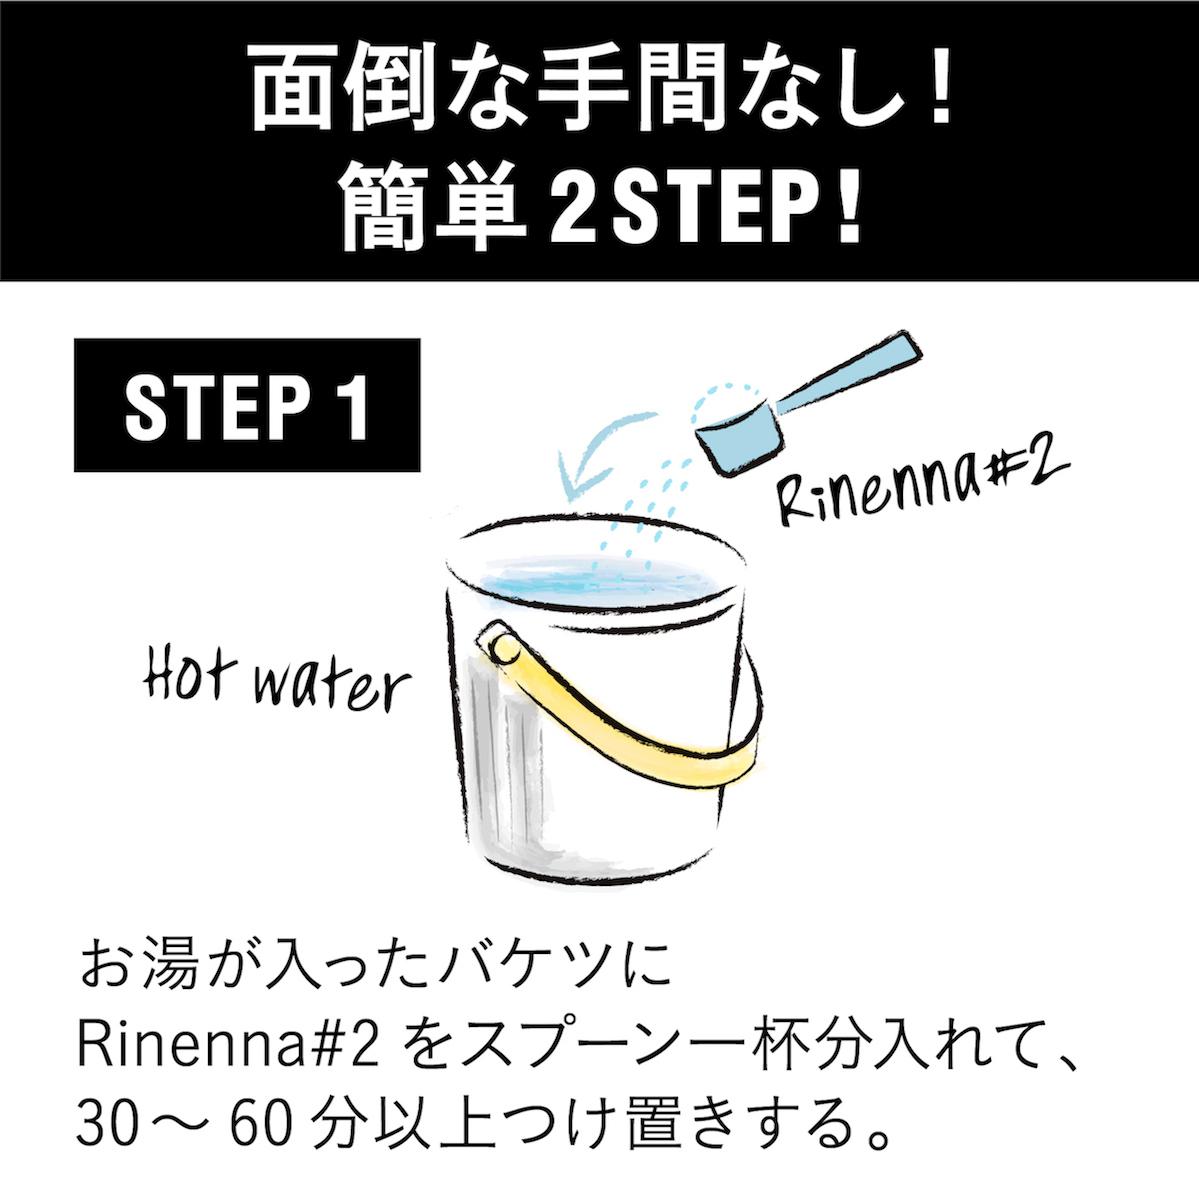 【新発売】Rinenna#2本体+Rinenna#2詰替セット